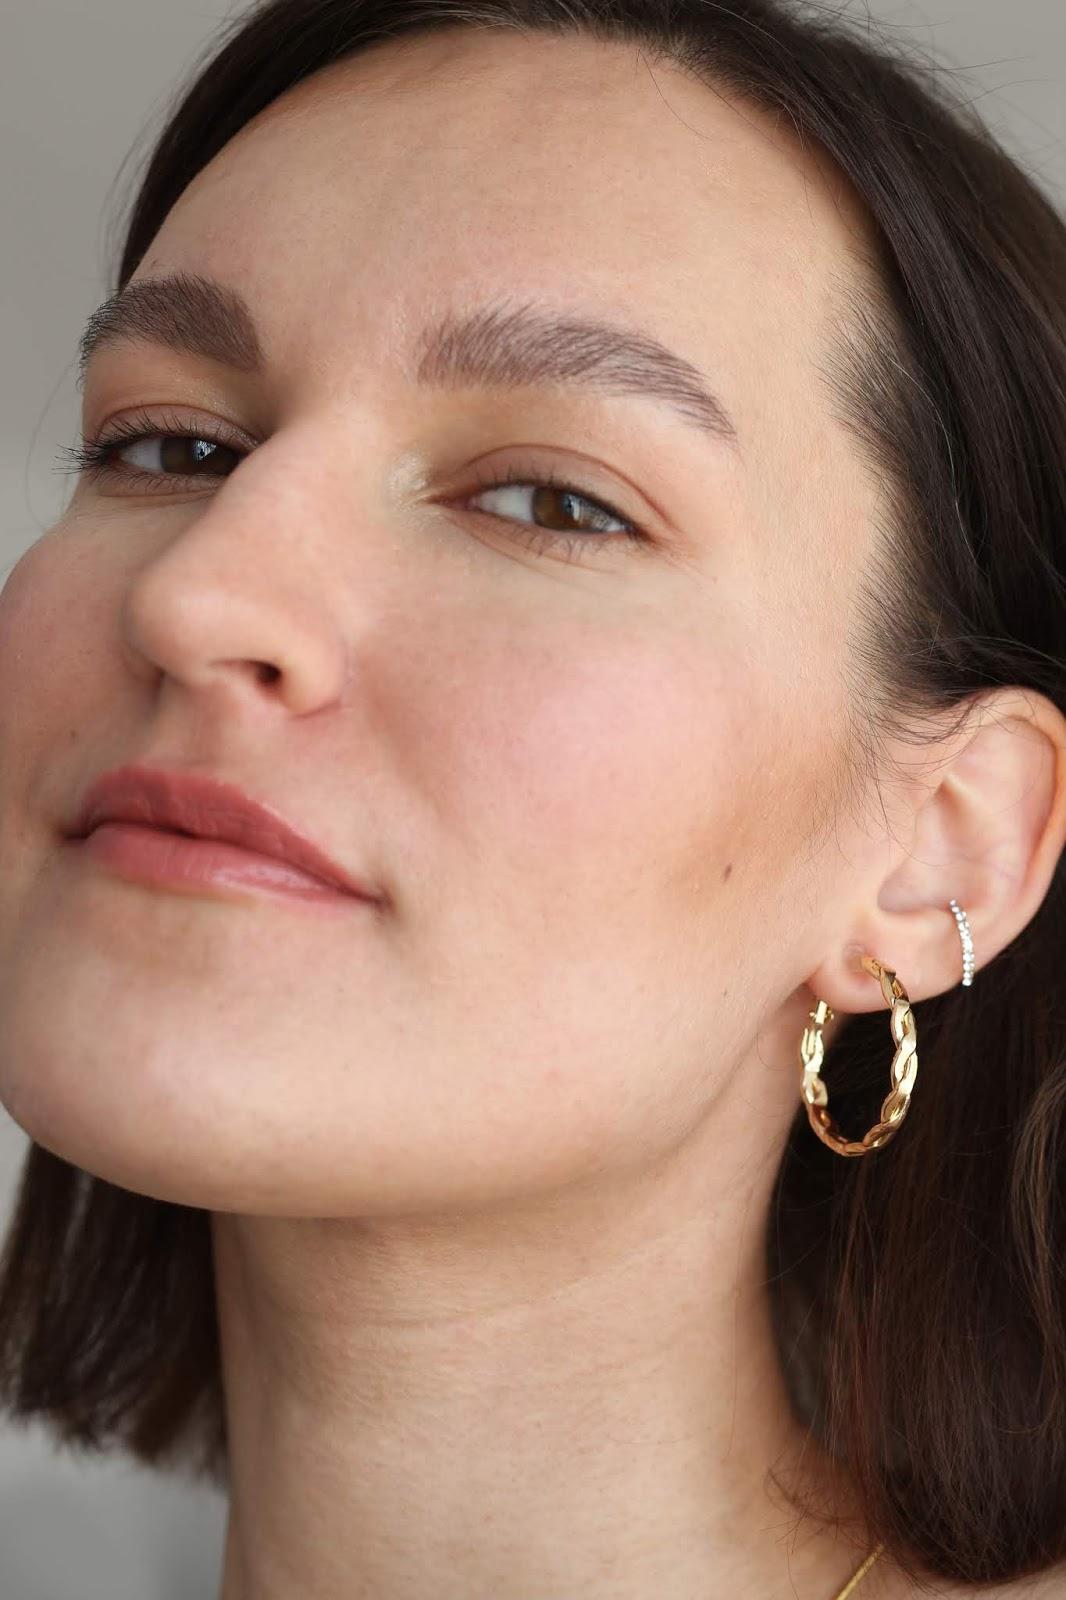 Spring make-up no make-up look, lip maximizing gloss   Wiosenny makijaż naturalny i błyszczyk powiększający usta   PÜR Cosmetics 4in1 Foundation review